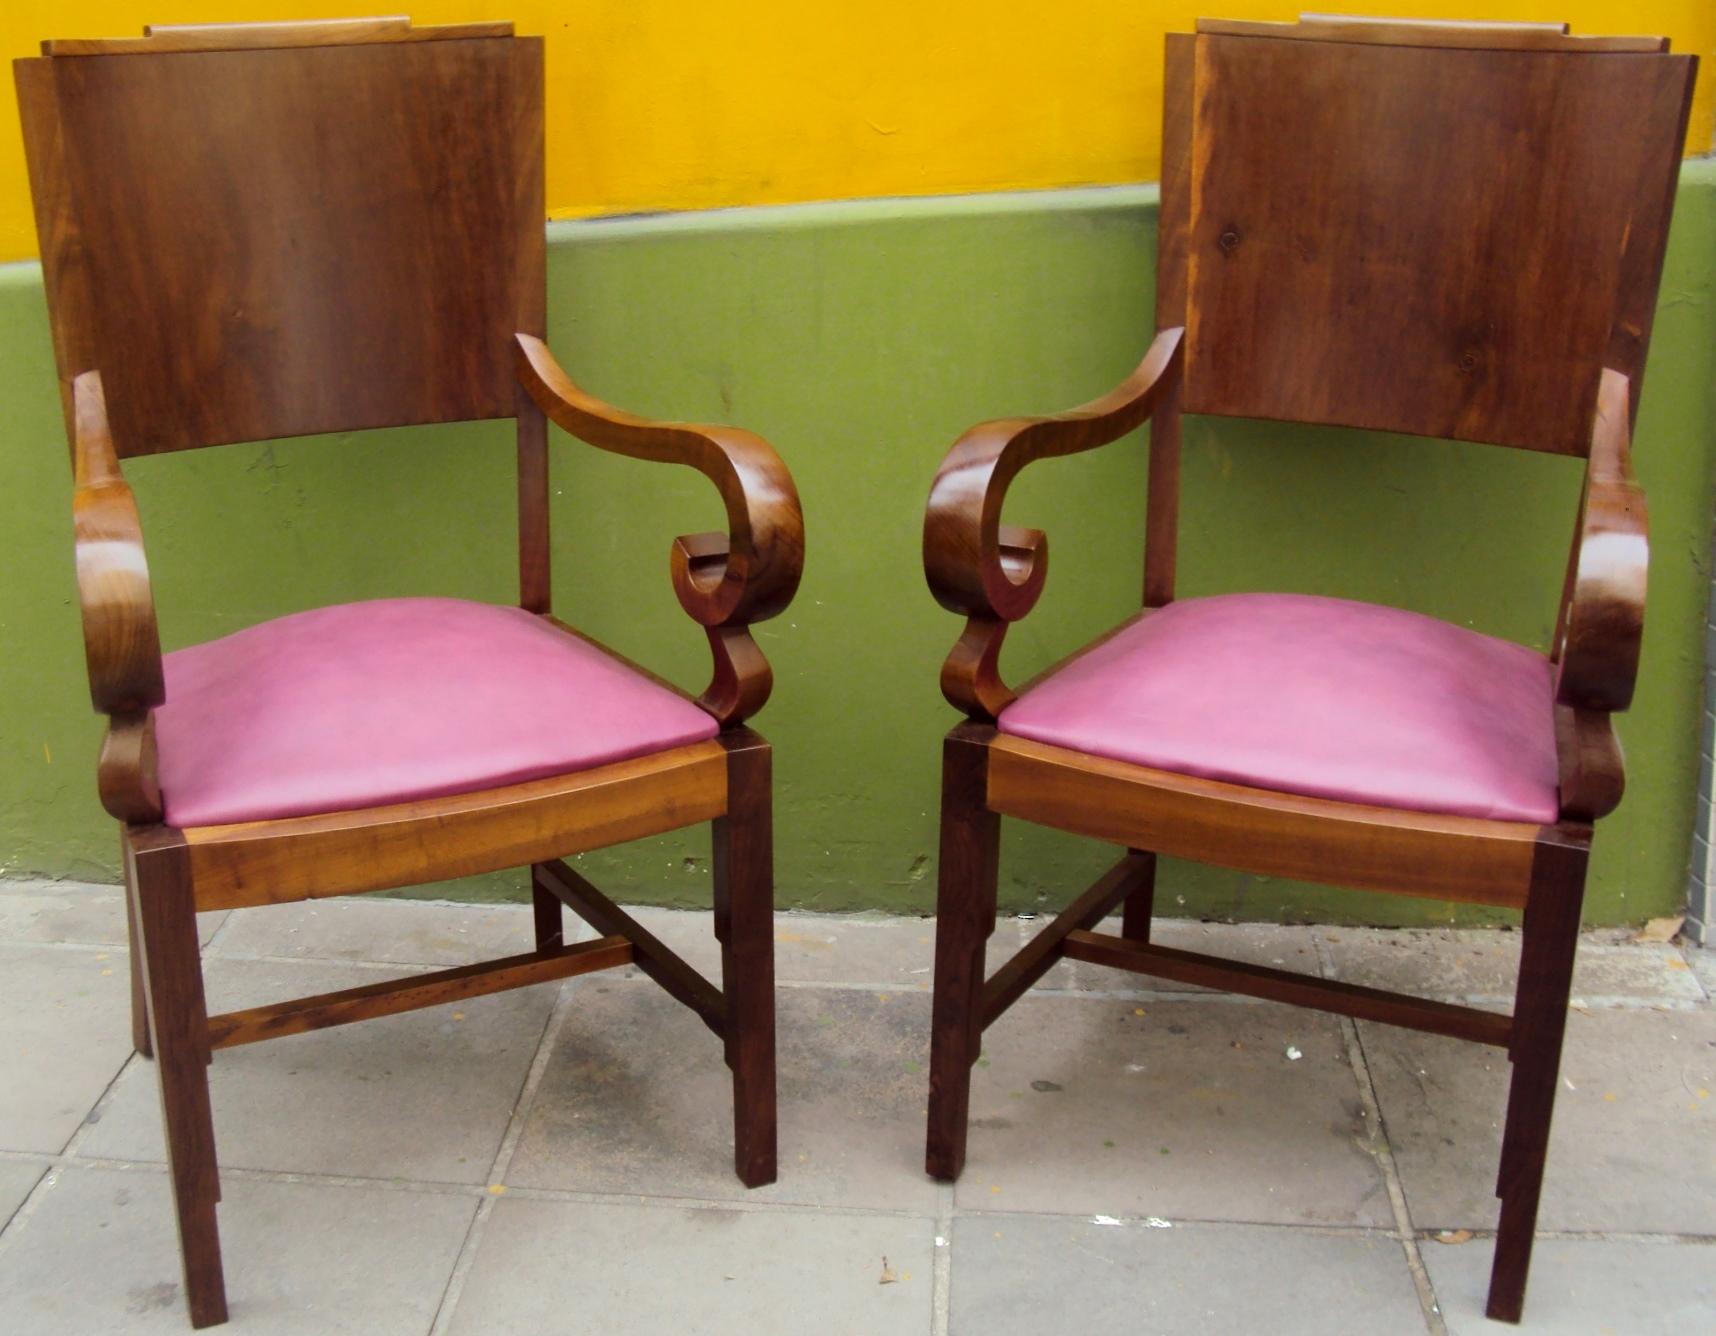 MO 39 – Par de poltronas Art Decó de imbuia com assento em couro cor lilás